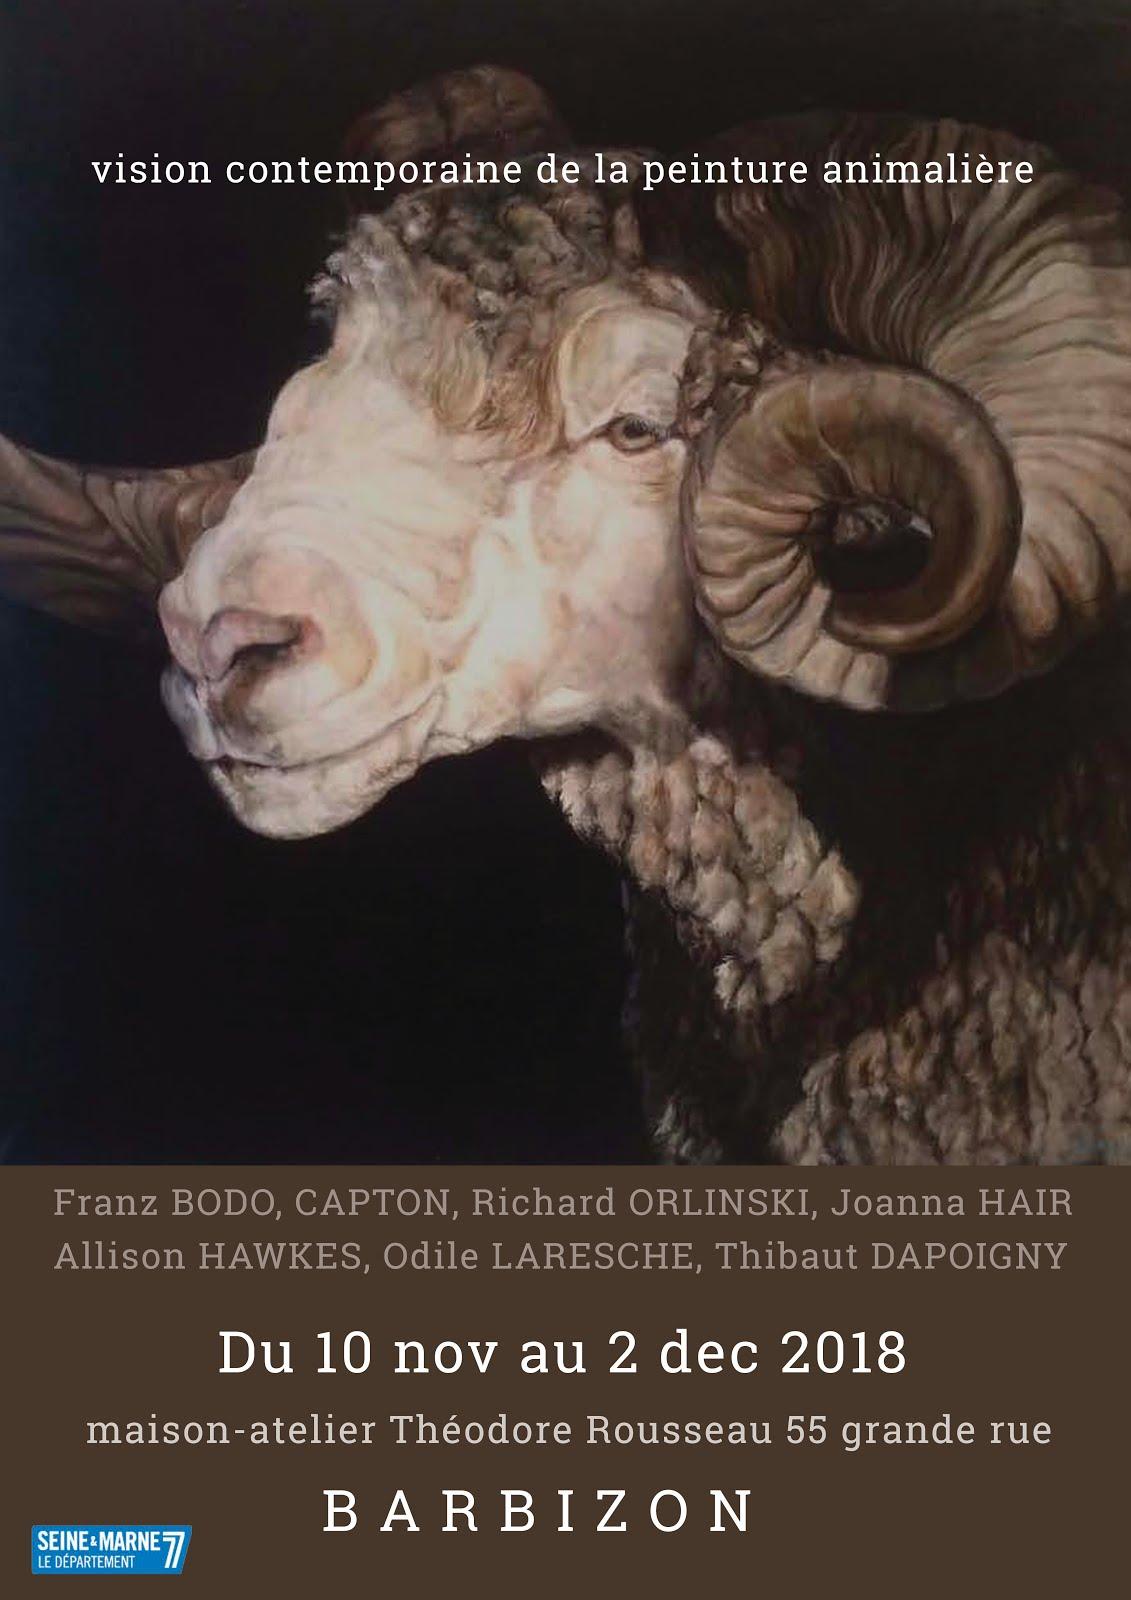 BARBIZON : CAPTON AU MUSÉE DES PEINTRES DE BARBIZON - MAISON-ATELIER THÉODORE ROUSSEAU